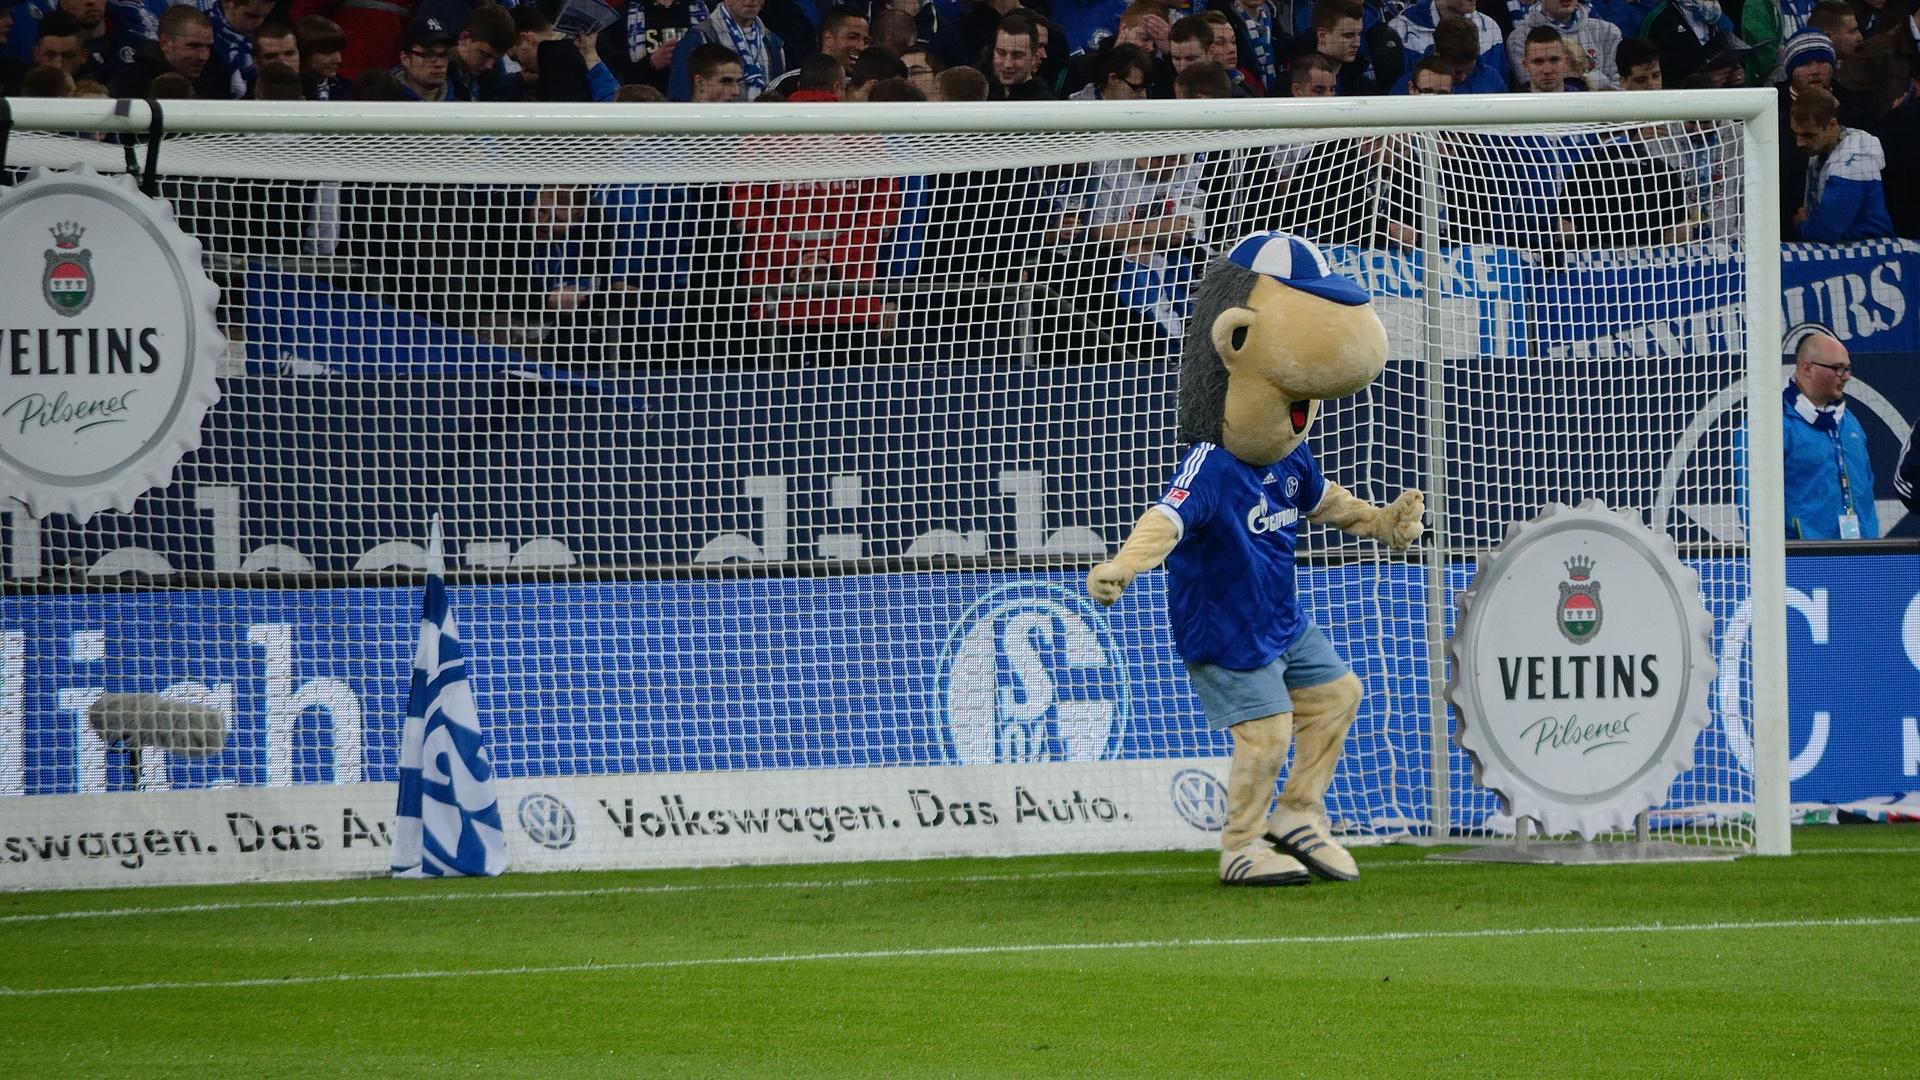 Auf Schalke. Erwin gibt alles...